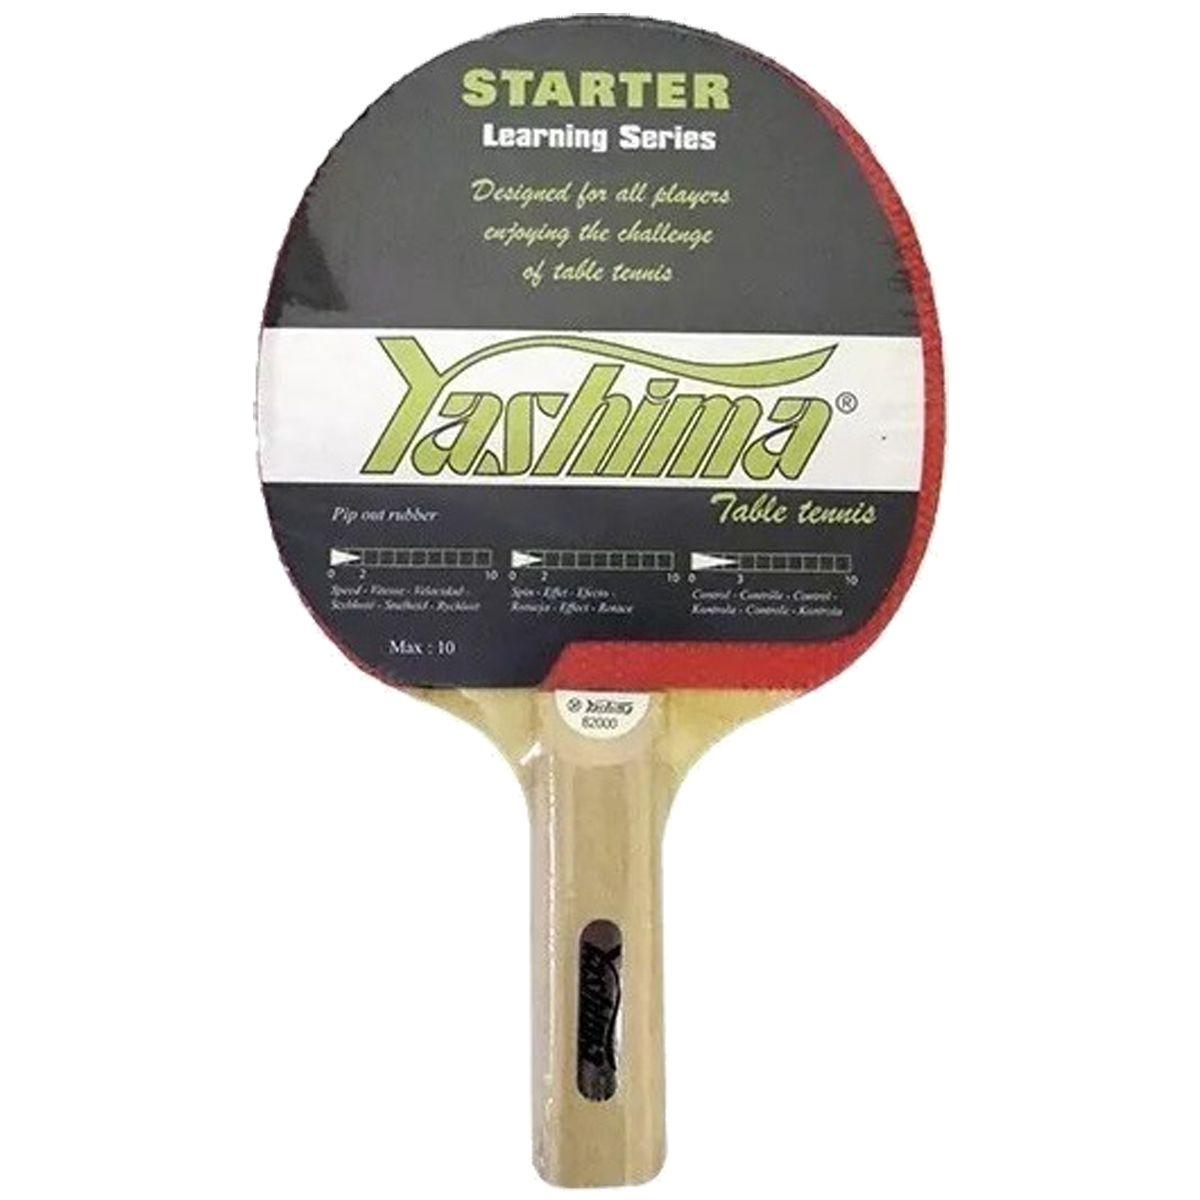 Kit Tenis de Mesa Yashima Starter Learning Series